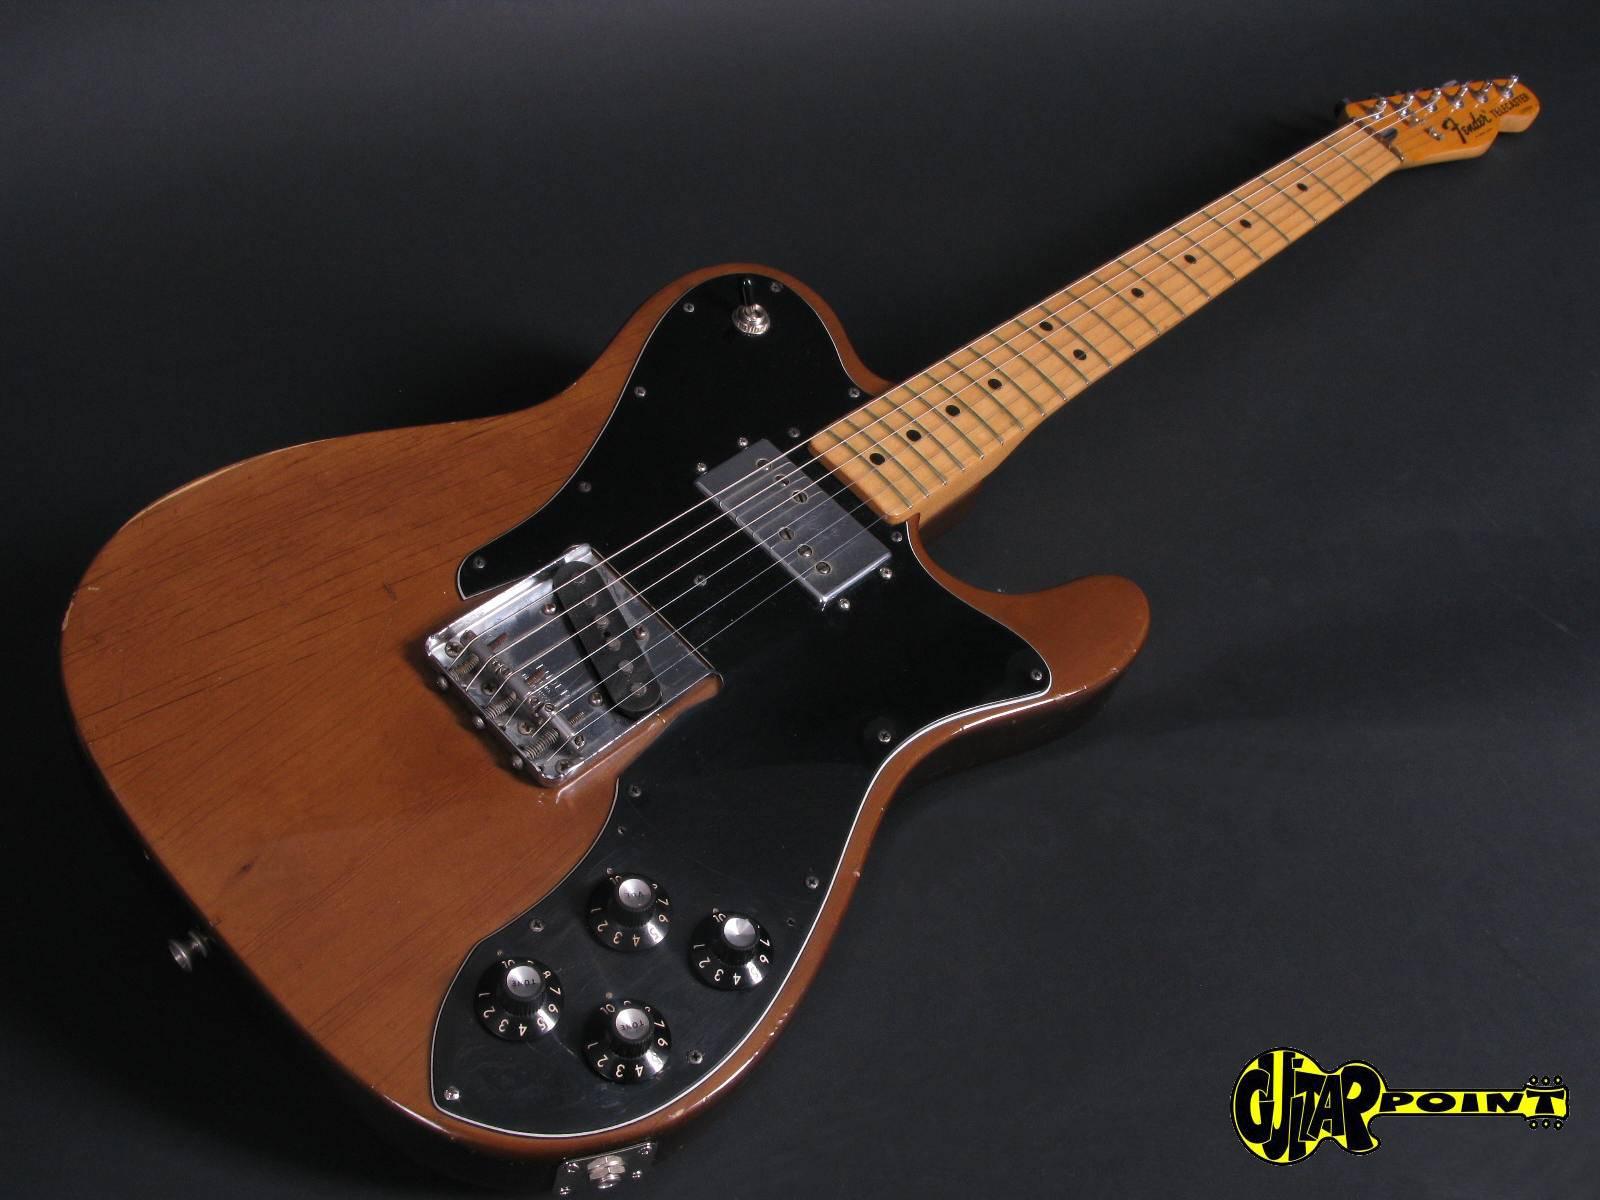 fender telecaster custom 1973 mocca guitar for sale guitarpoint. Black Bedroom Furniture Sets. Home Design Ideas